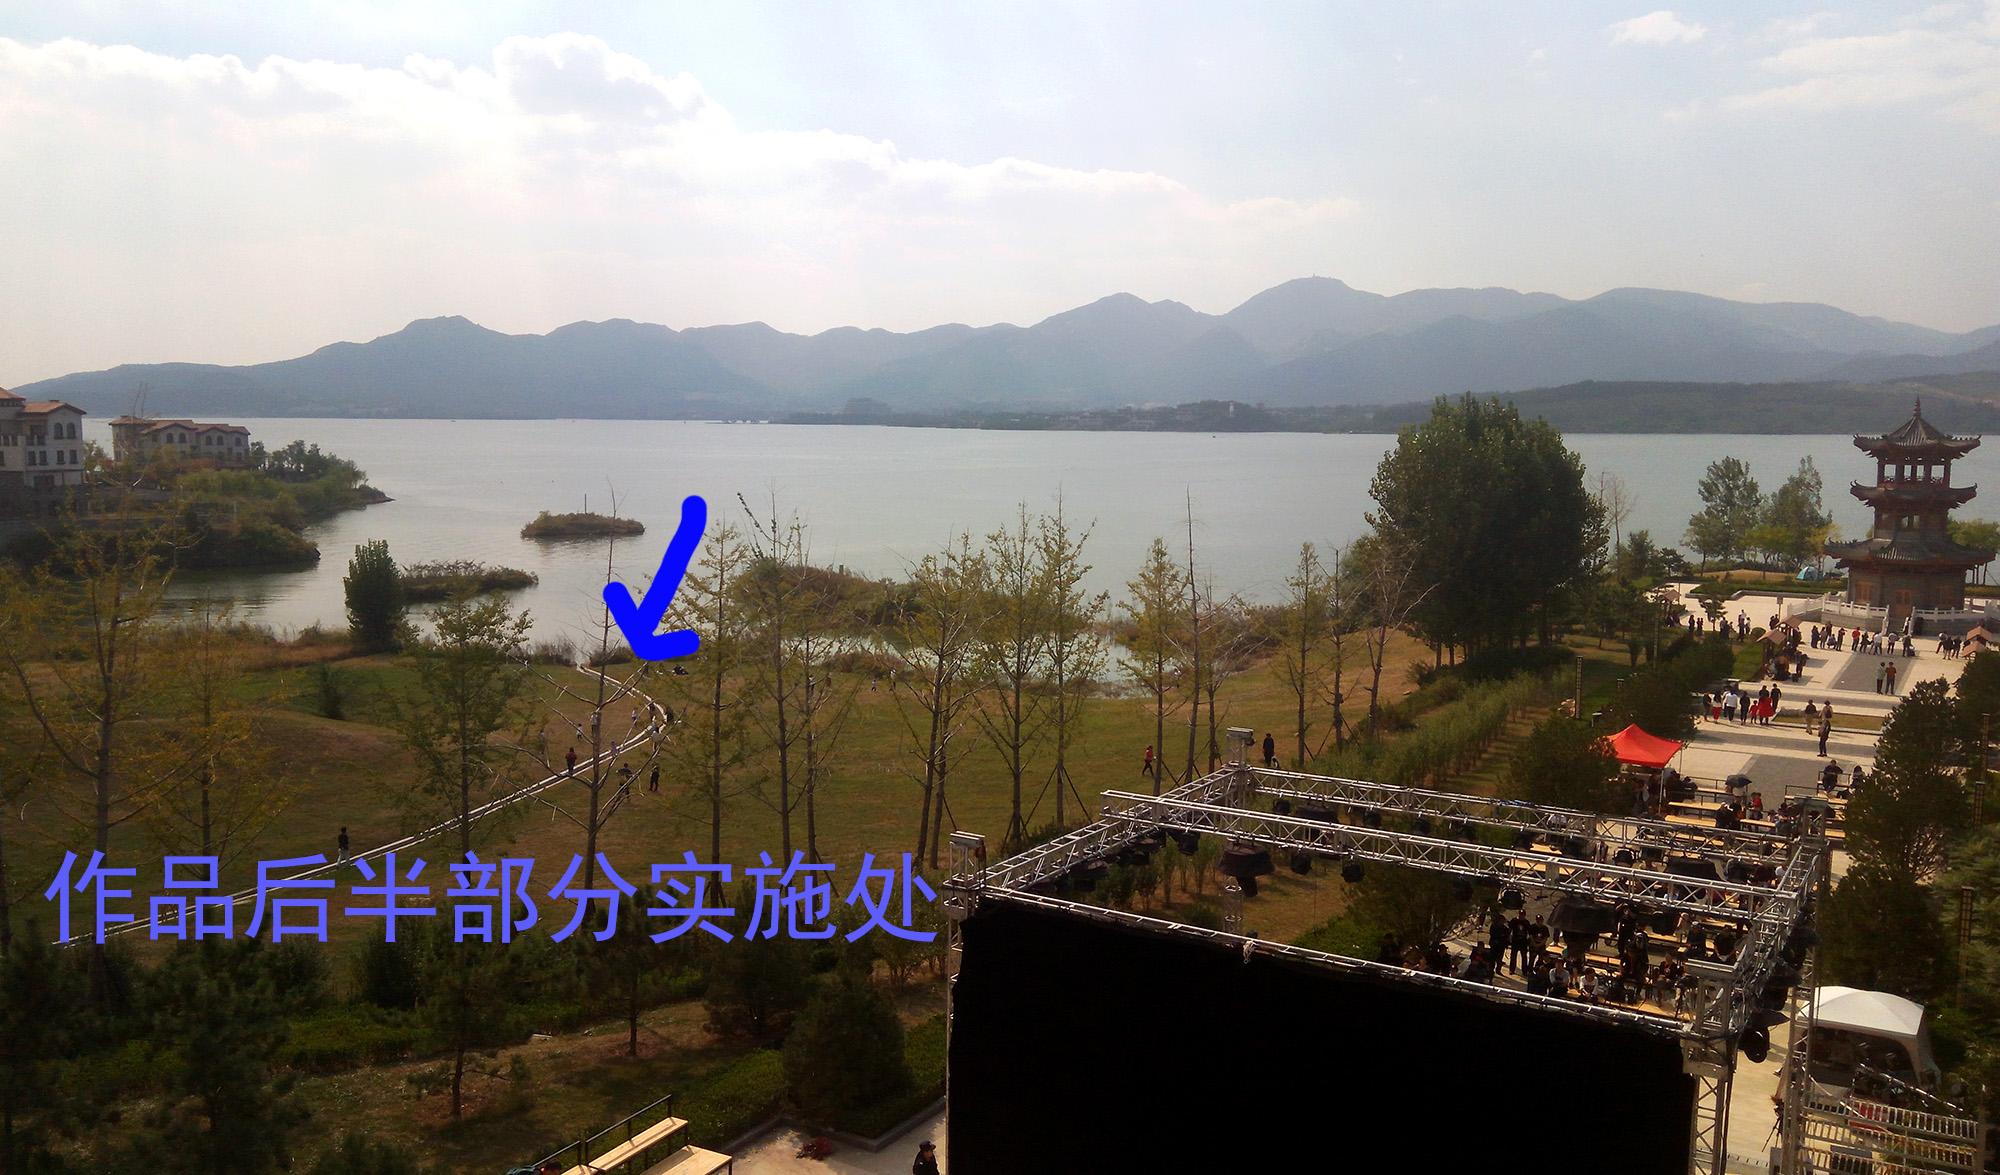 观众被带到露天剧场右边的湖边